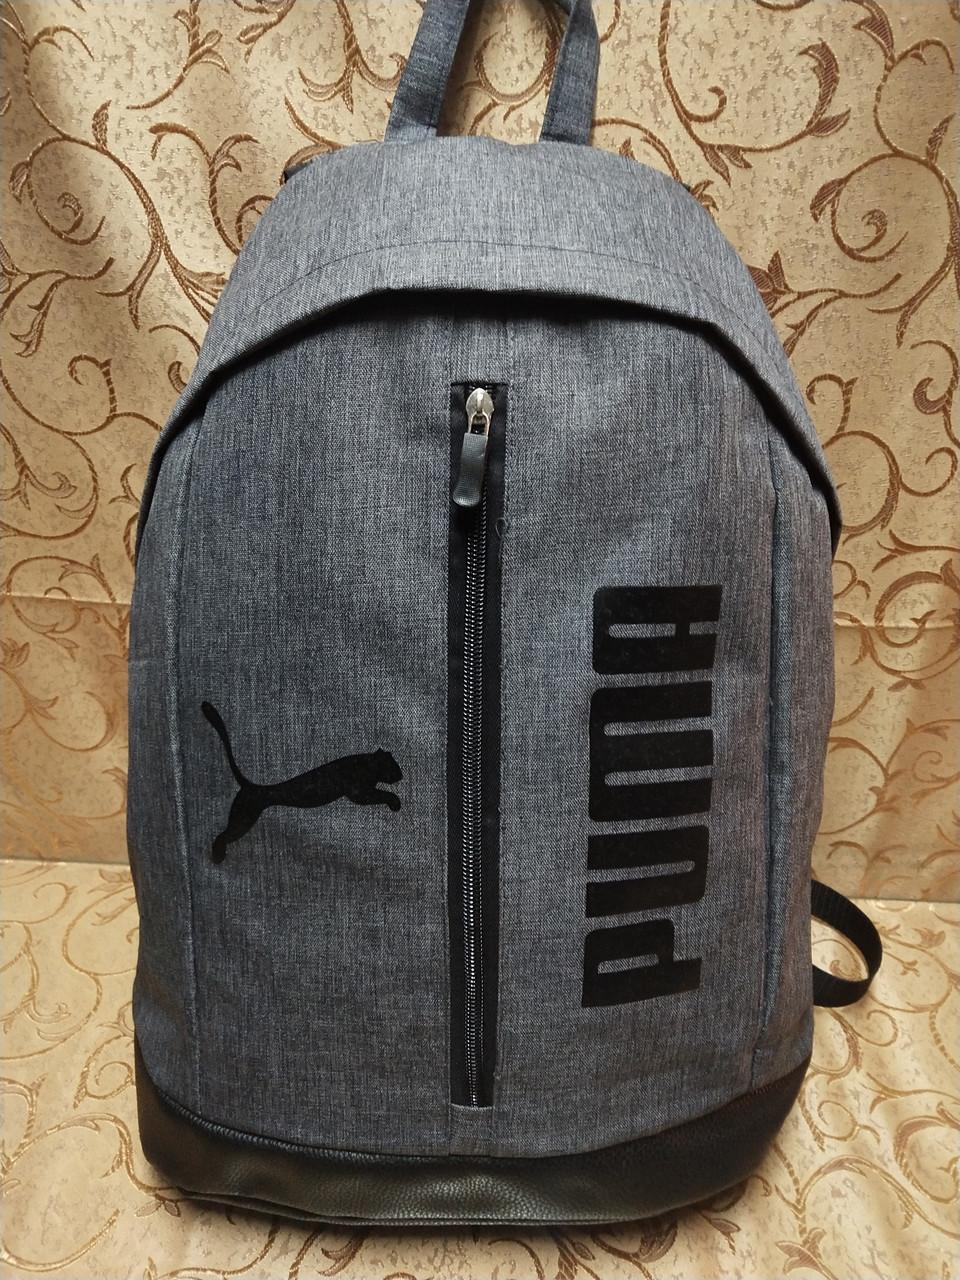 Рюкзак PUMA мессенджер с кожаным дном спортивный городской стильный ОПТ